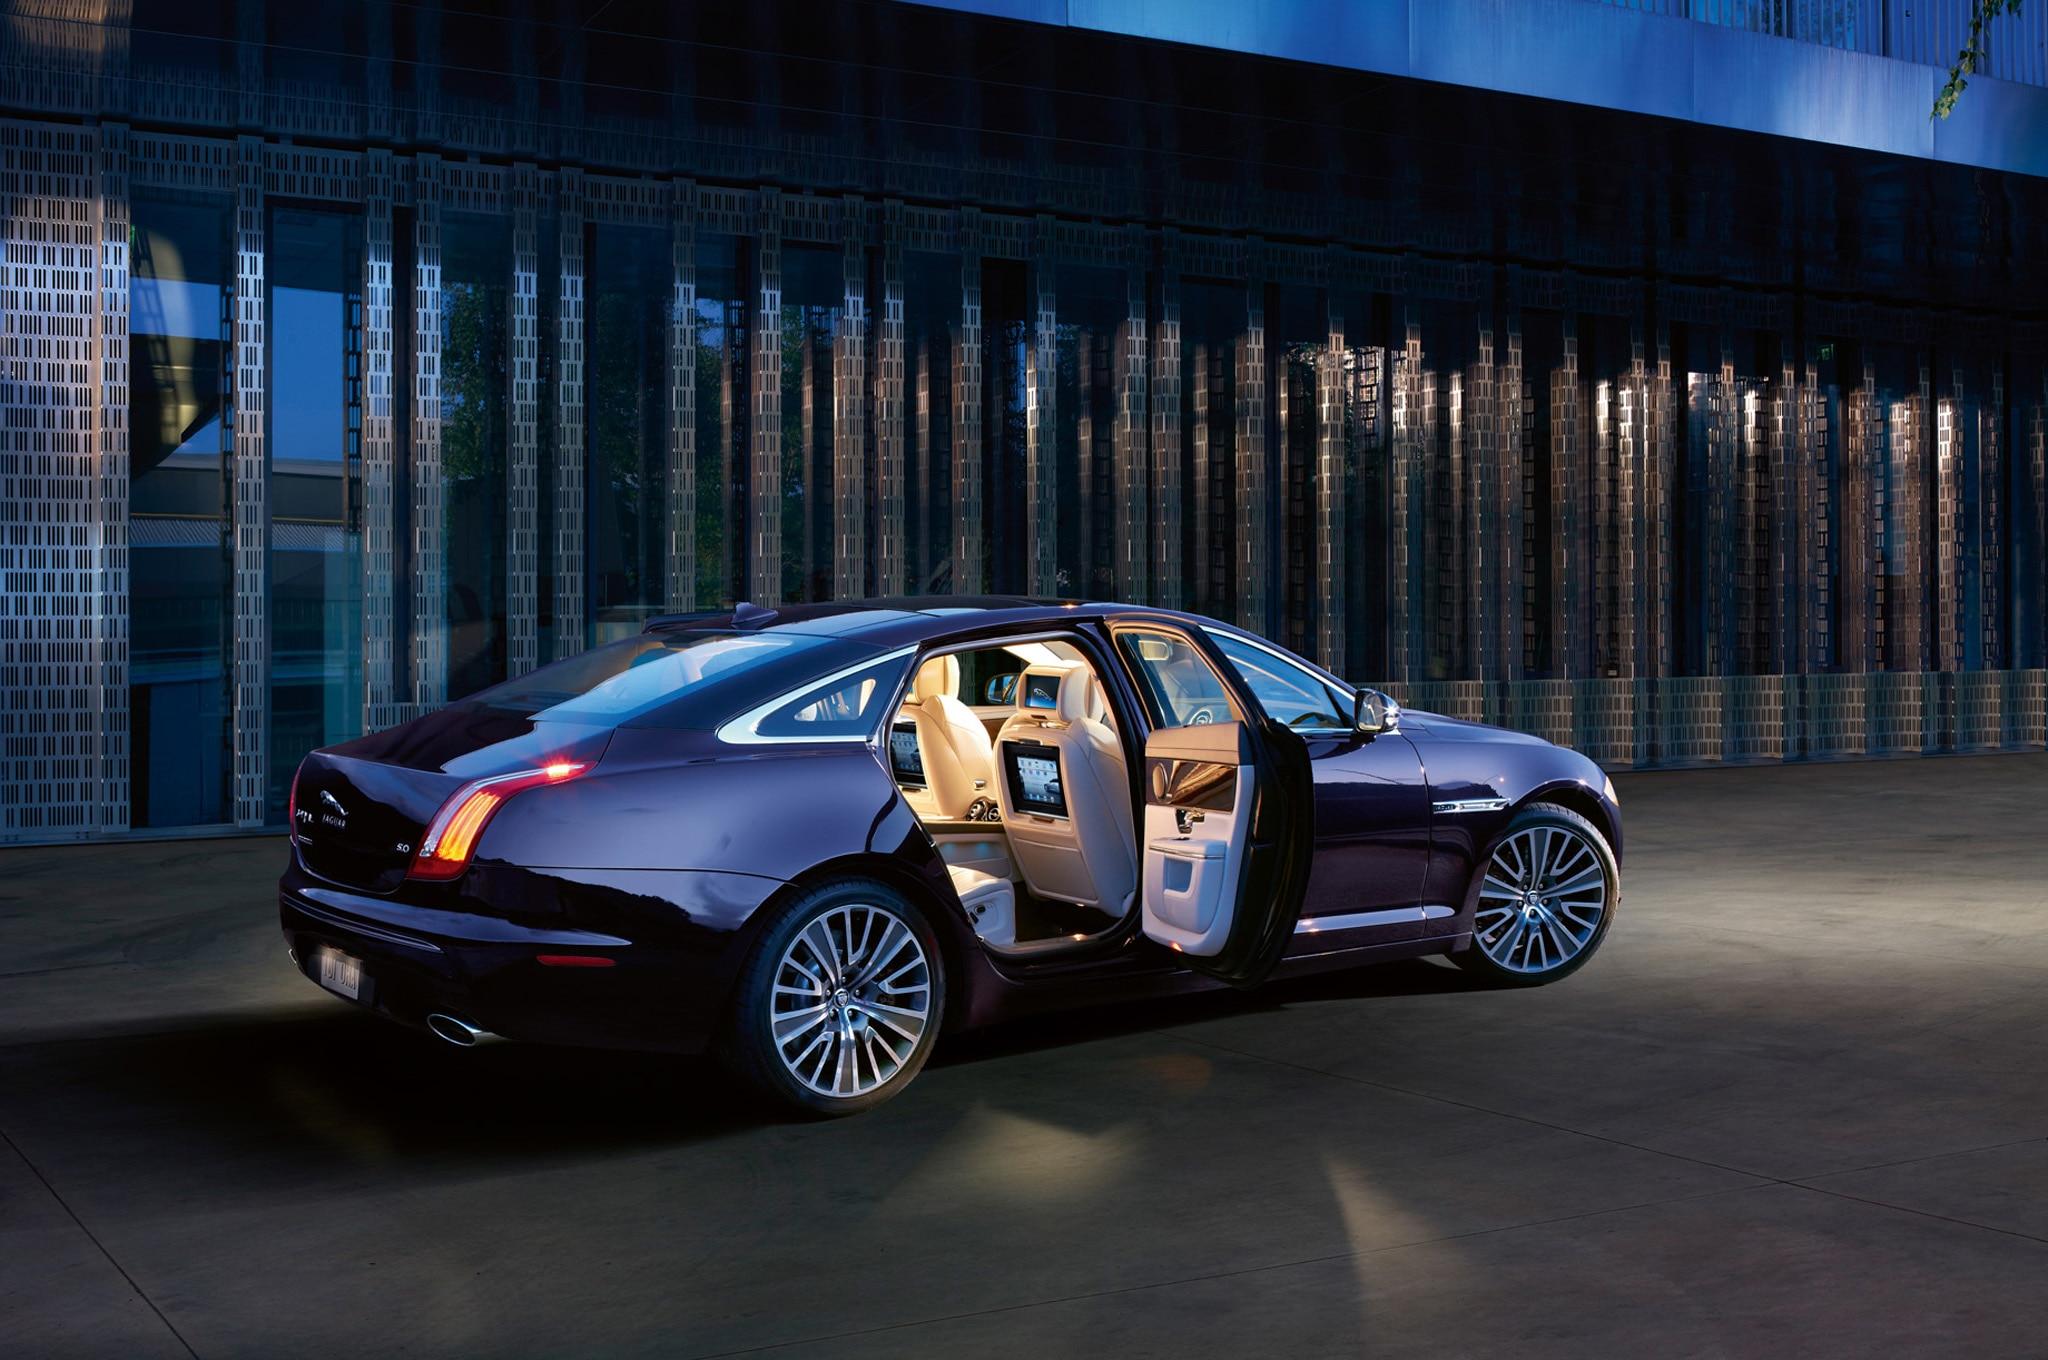 2013 jaguar xj a car i 39 m thankful for. Black Bedroom Furniture Sets. Home Design Ideas